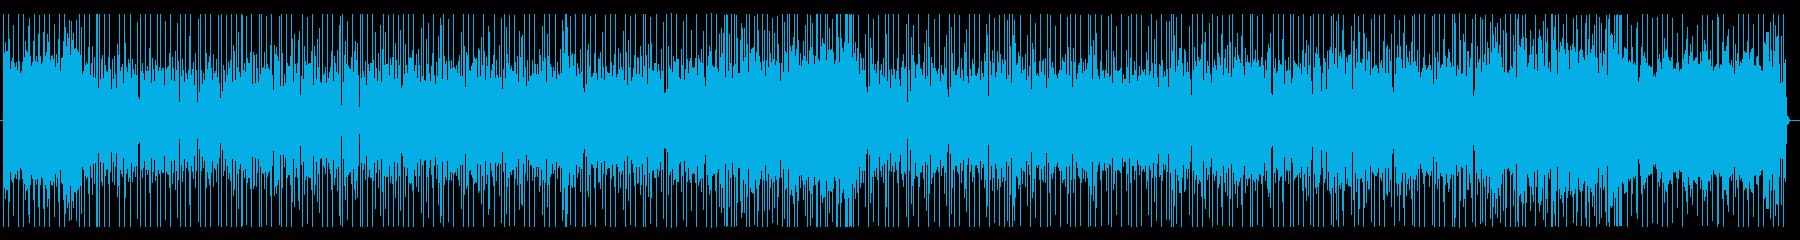 未来感あふれるファンキーなロックBGMの再生済みの波形